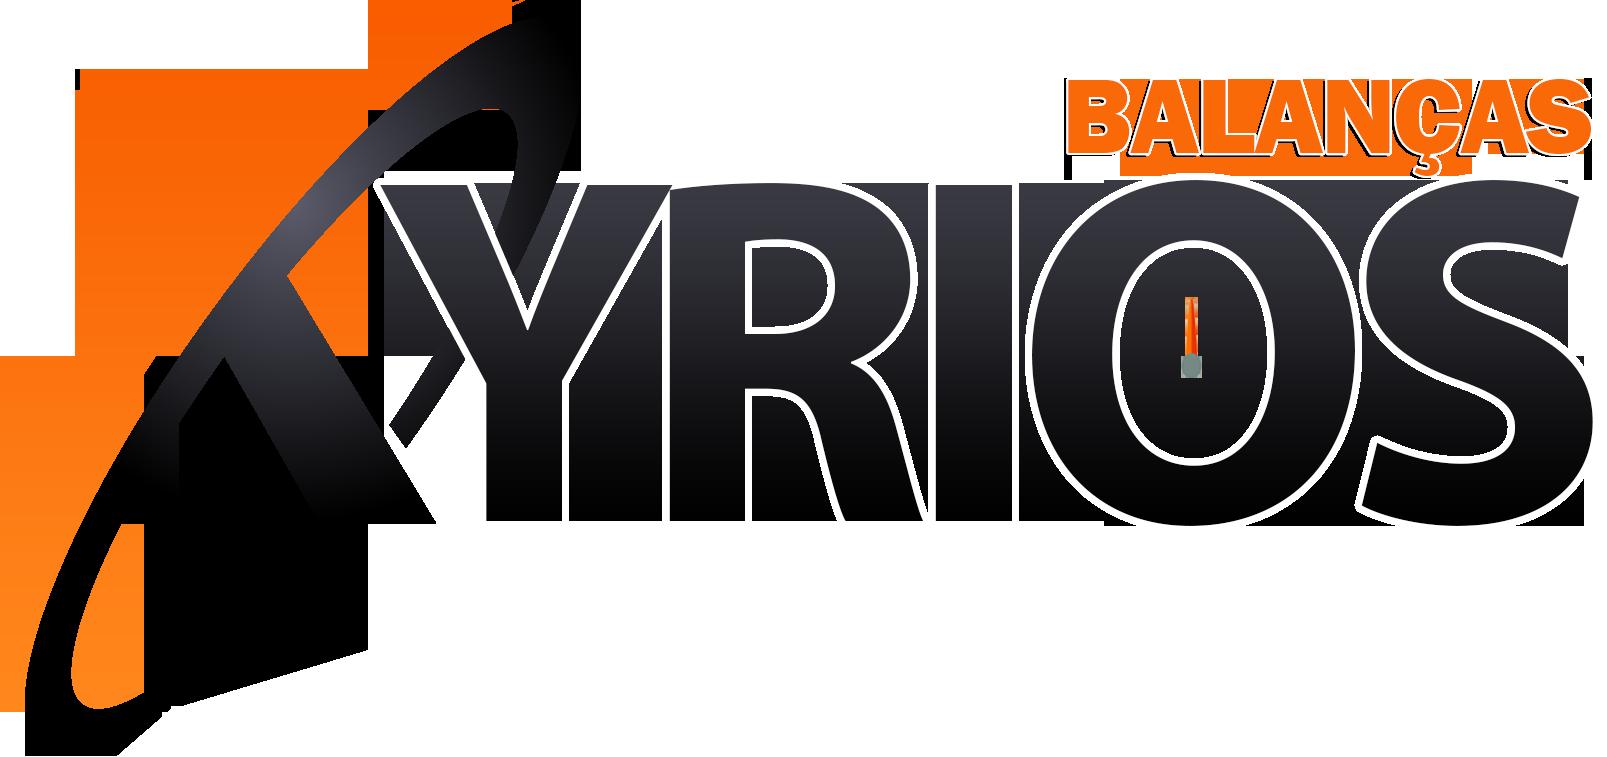 BALANÇAS KYRIOS